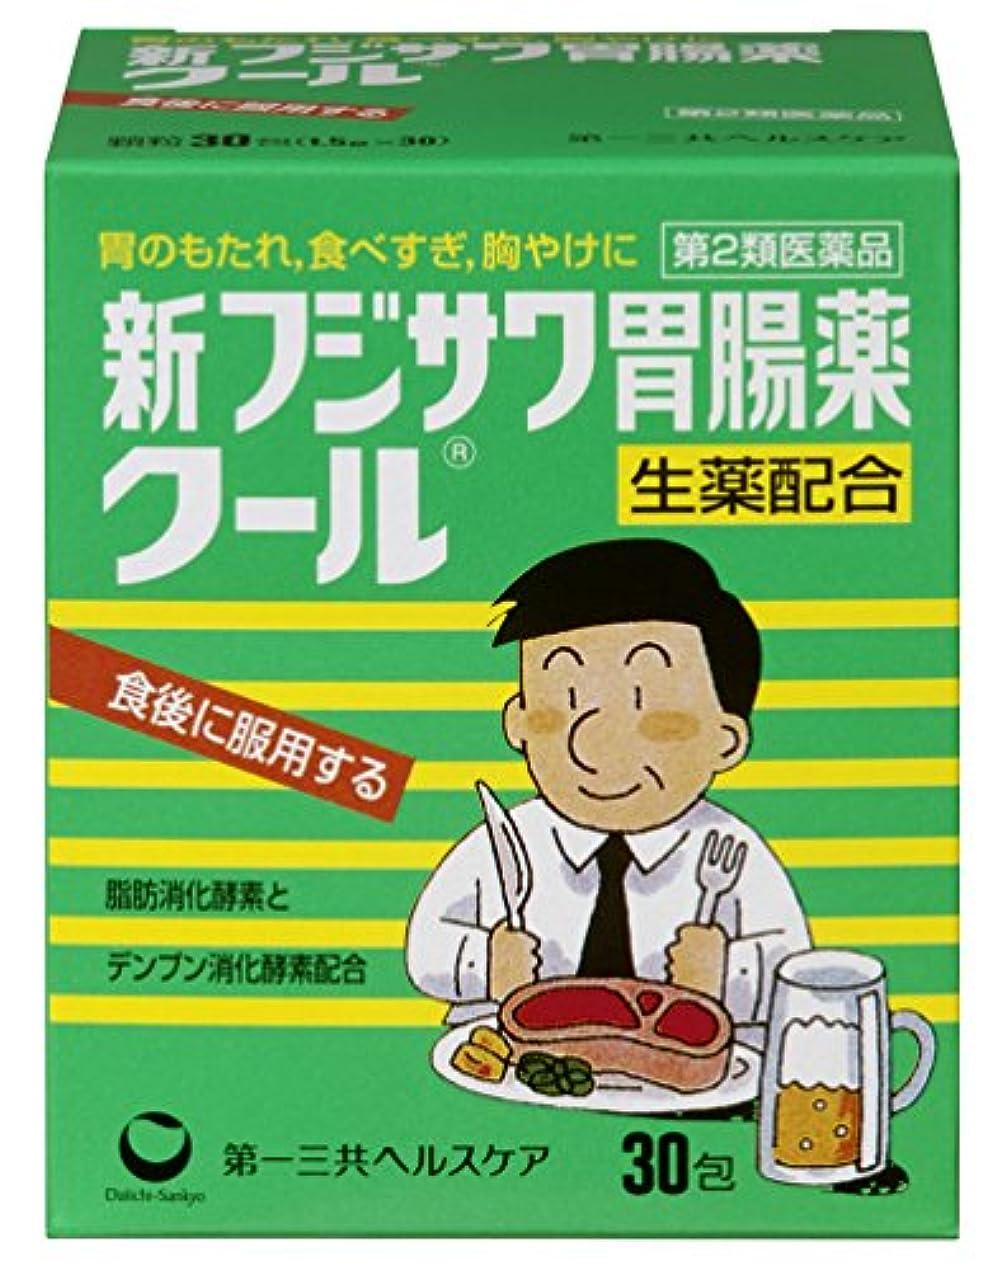 外交ビリー涙【第2類医薬品】新フジサワ胃腸薬クール 30包